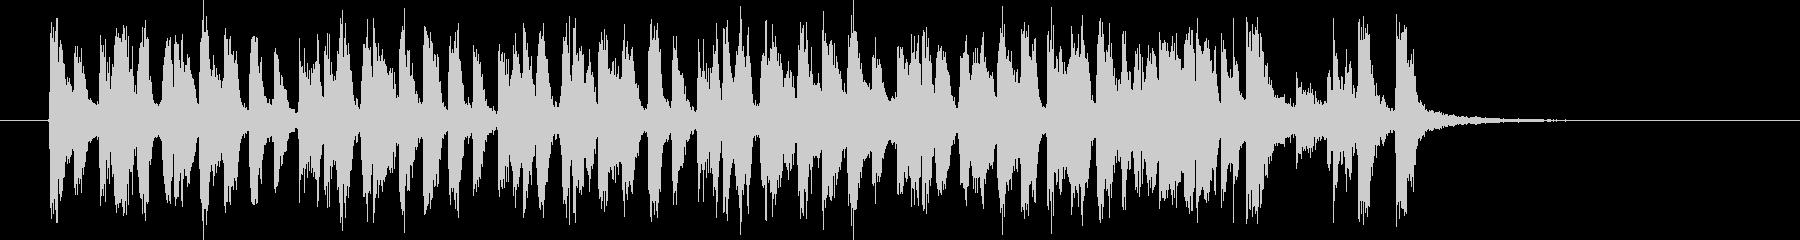 1960年代ポップスサウンドの未再生の波形